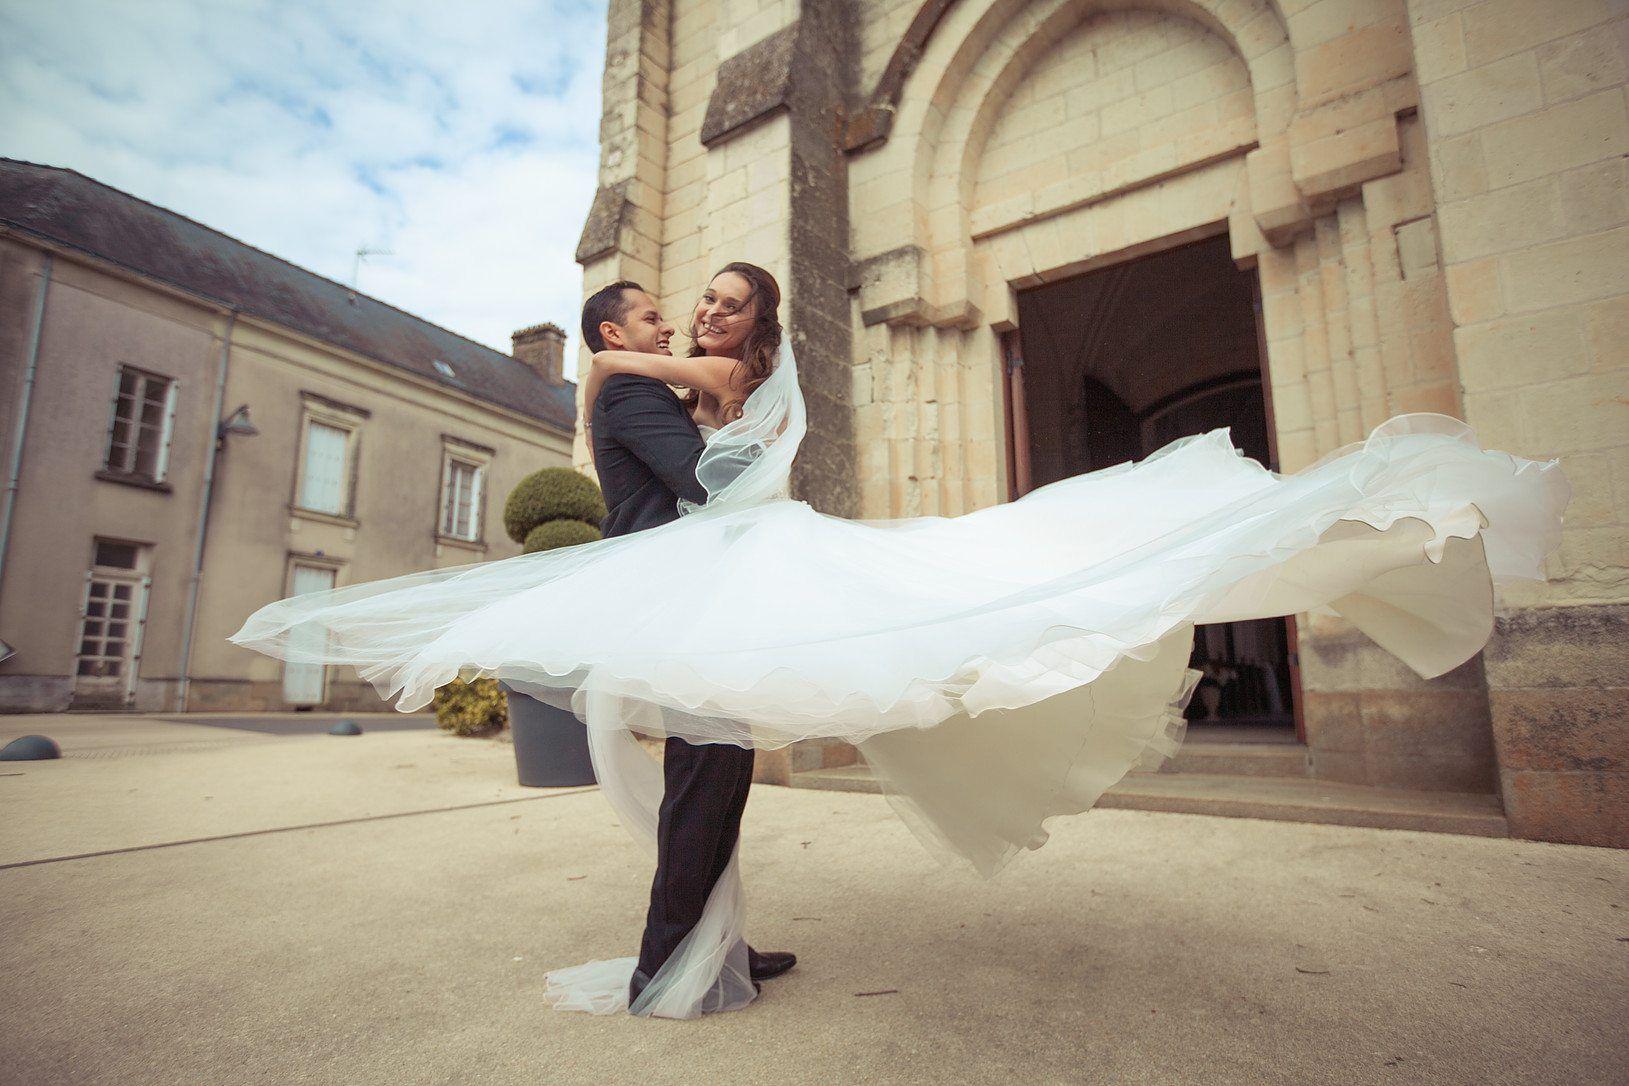 Etiquette Renta y Venta de Vestidos de Novia - LaPlanner